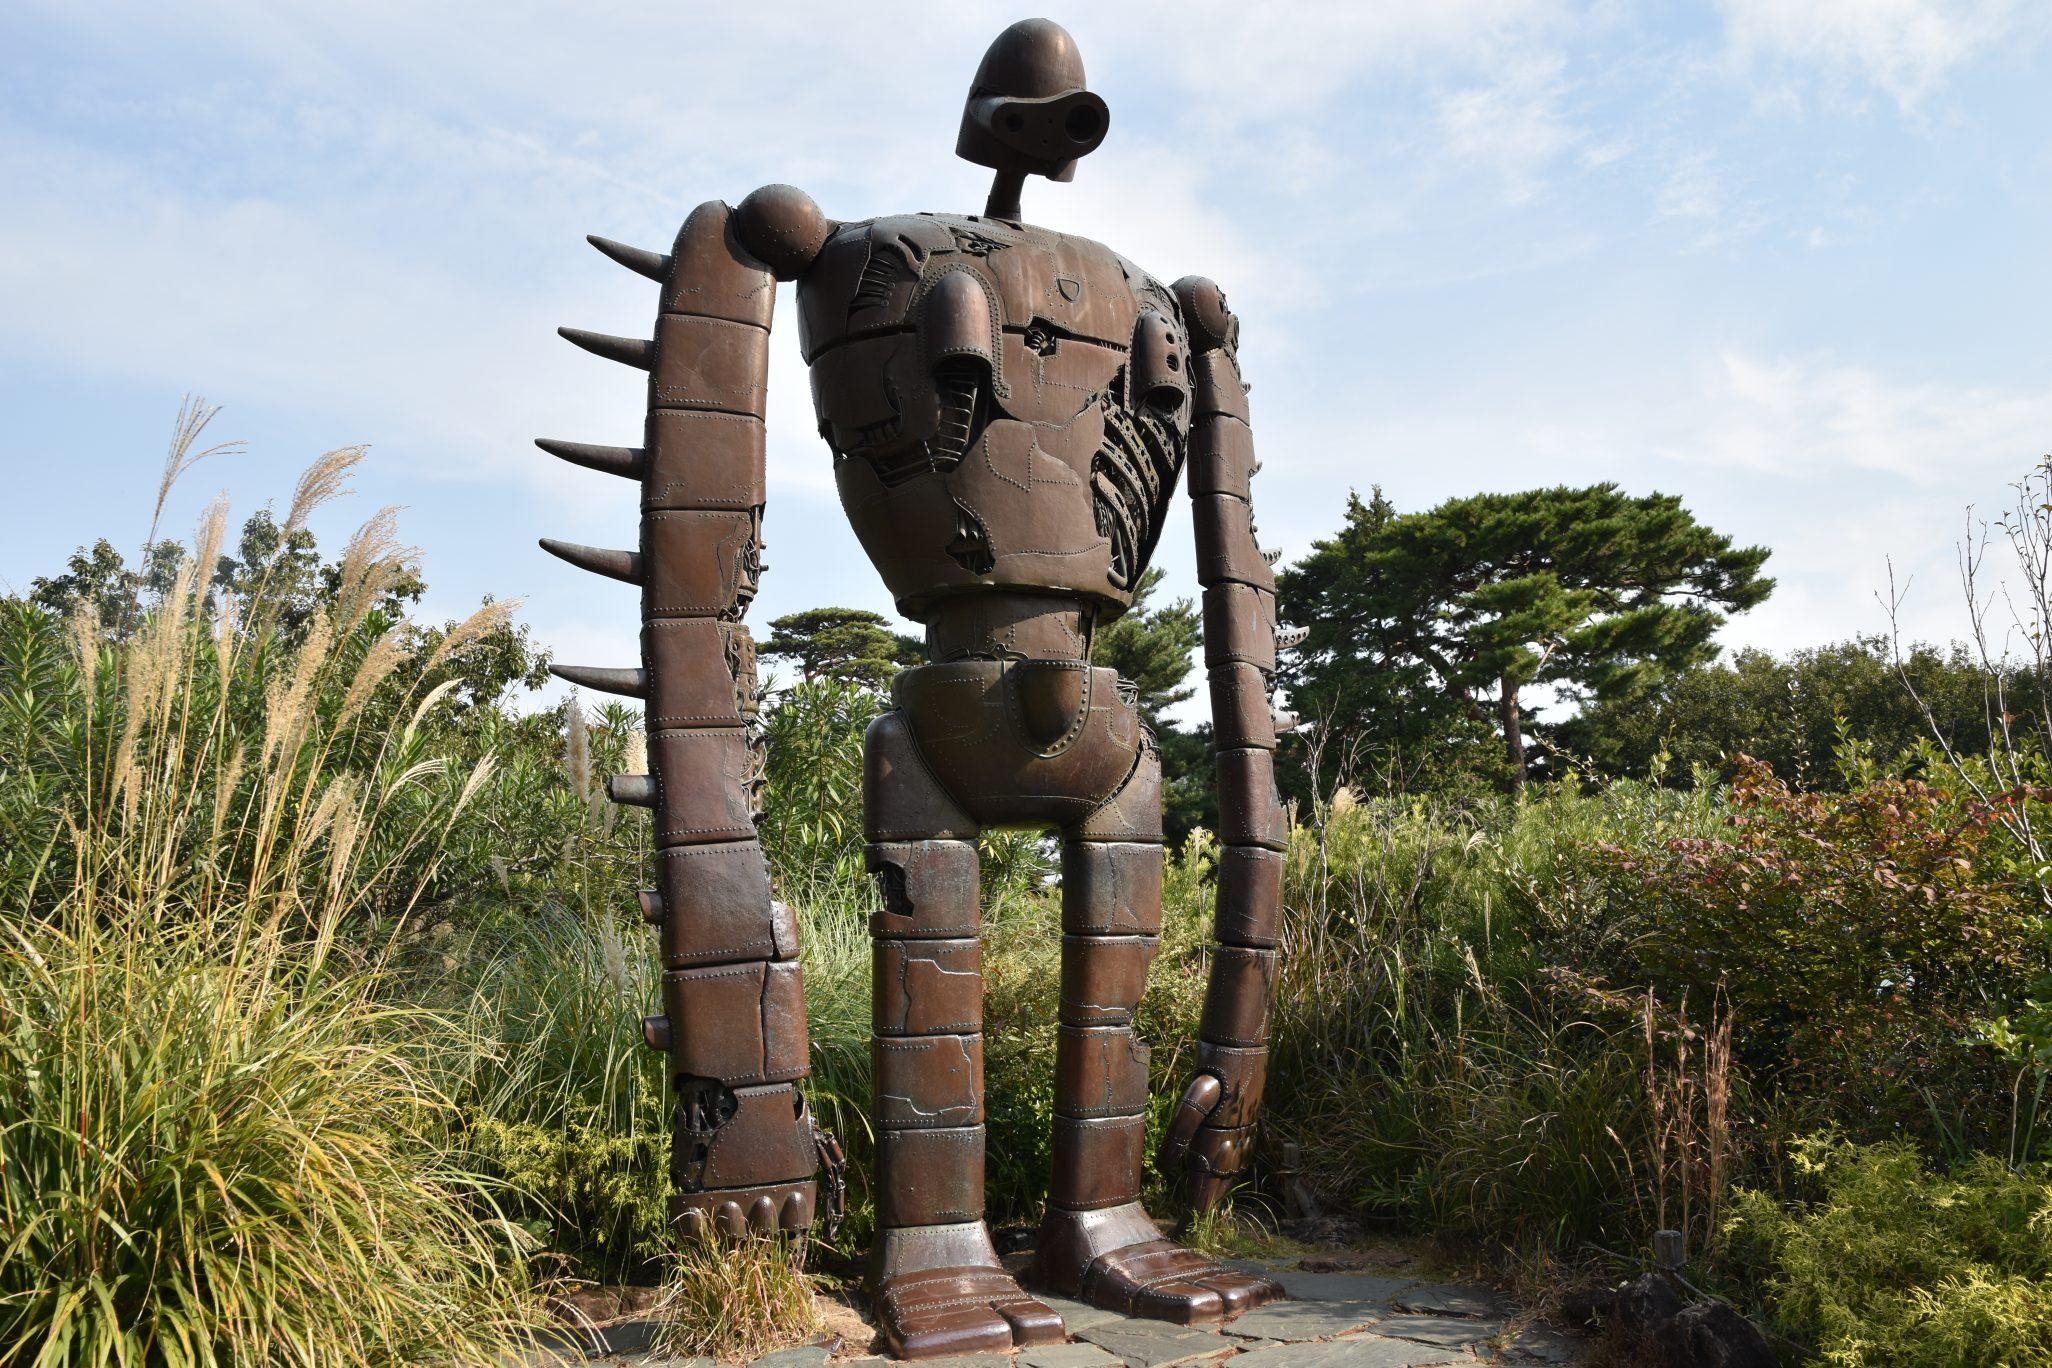 ジブリ美術館のロボット兵|三鷹市